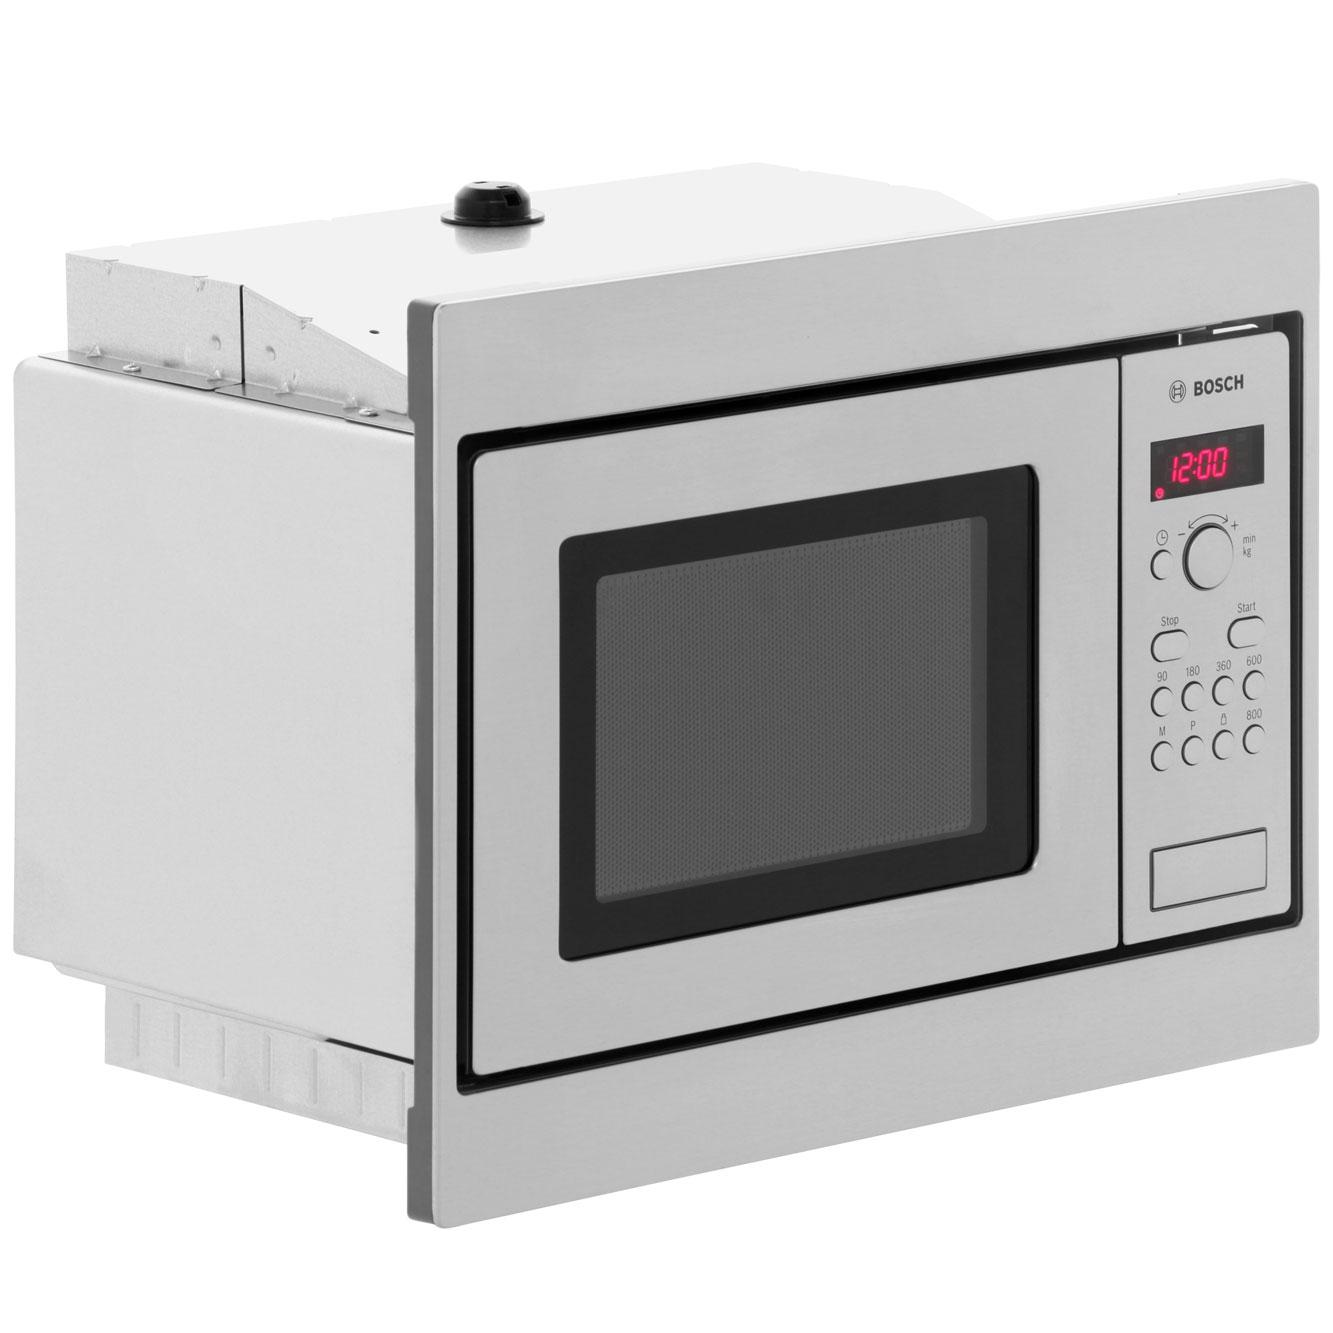 Bosch Built In Microwaves Bestmicrowave